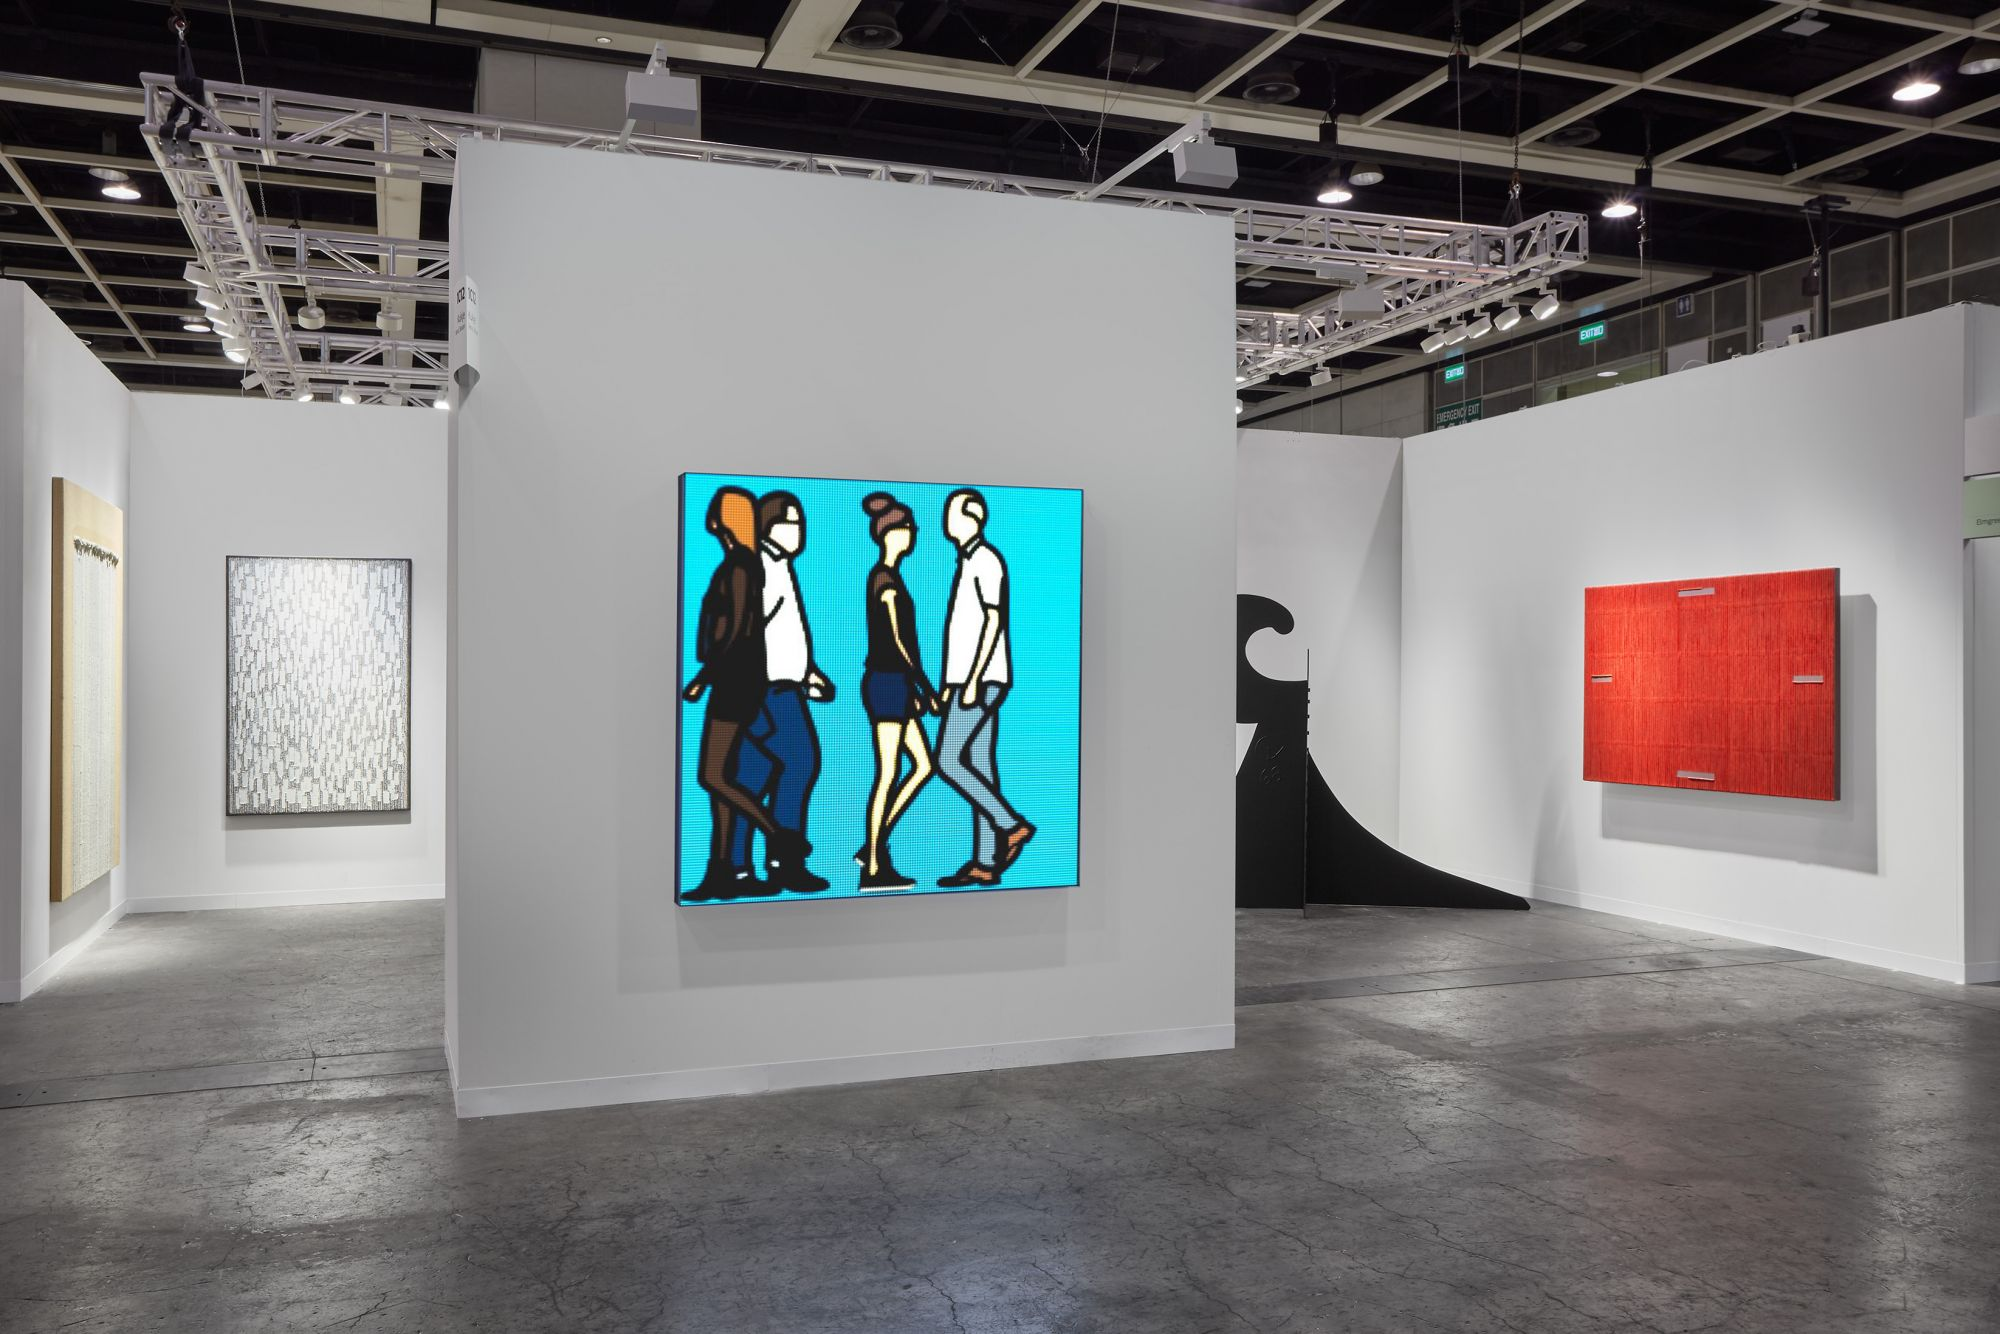 繽紛設計江欣宜談2019Art Basel:「巴塞爾藝術展不再只是有深厚實力藏家的專場,而是更加開放,擁抱更加多元的族群」